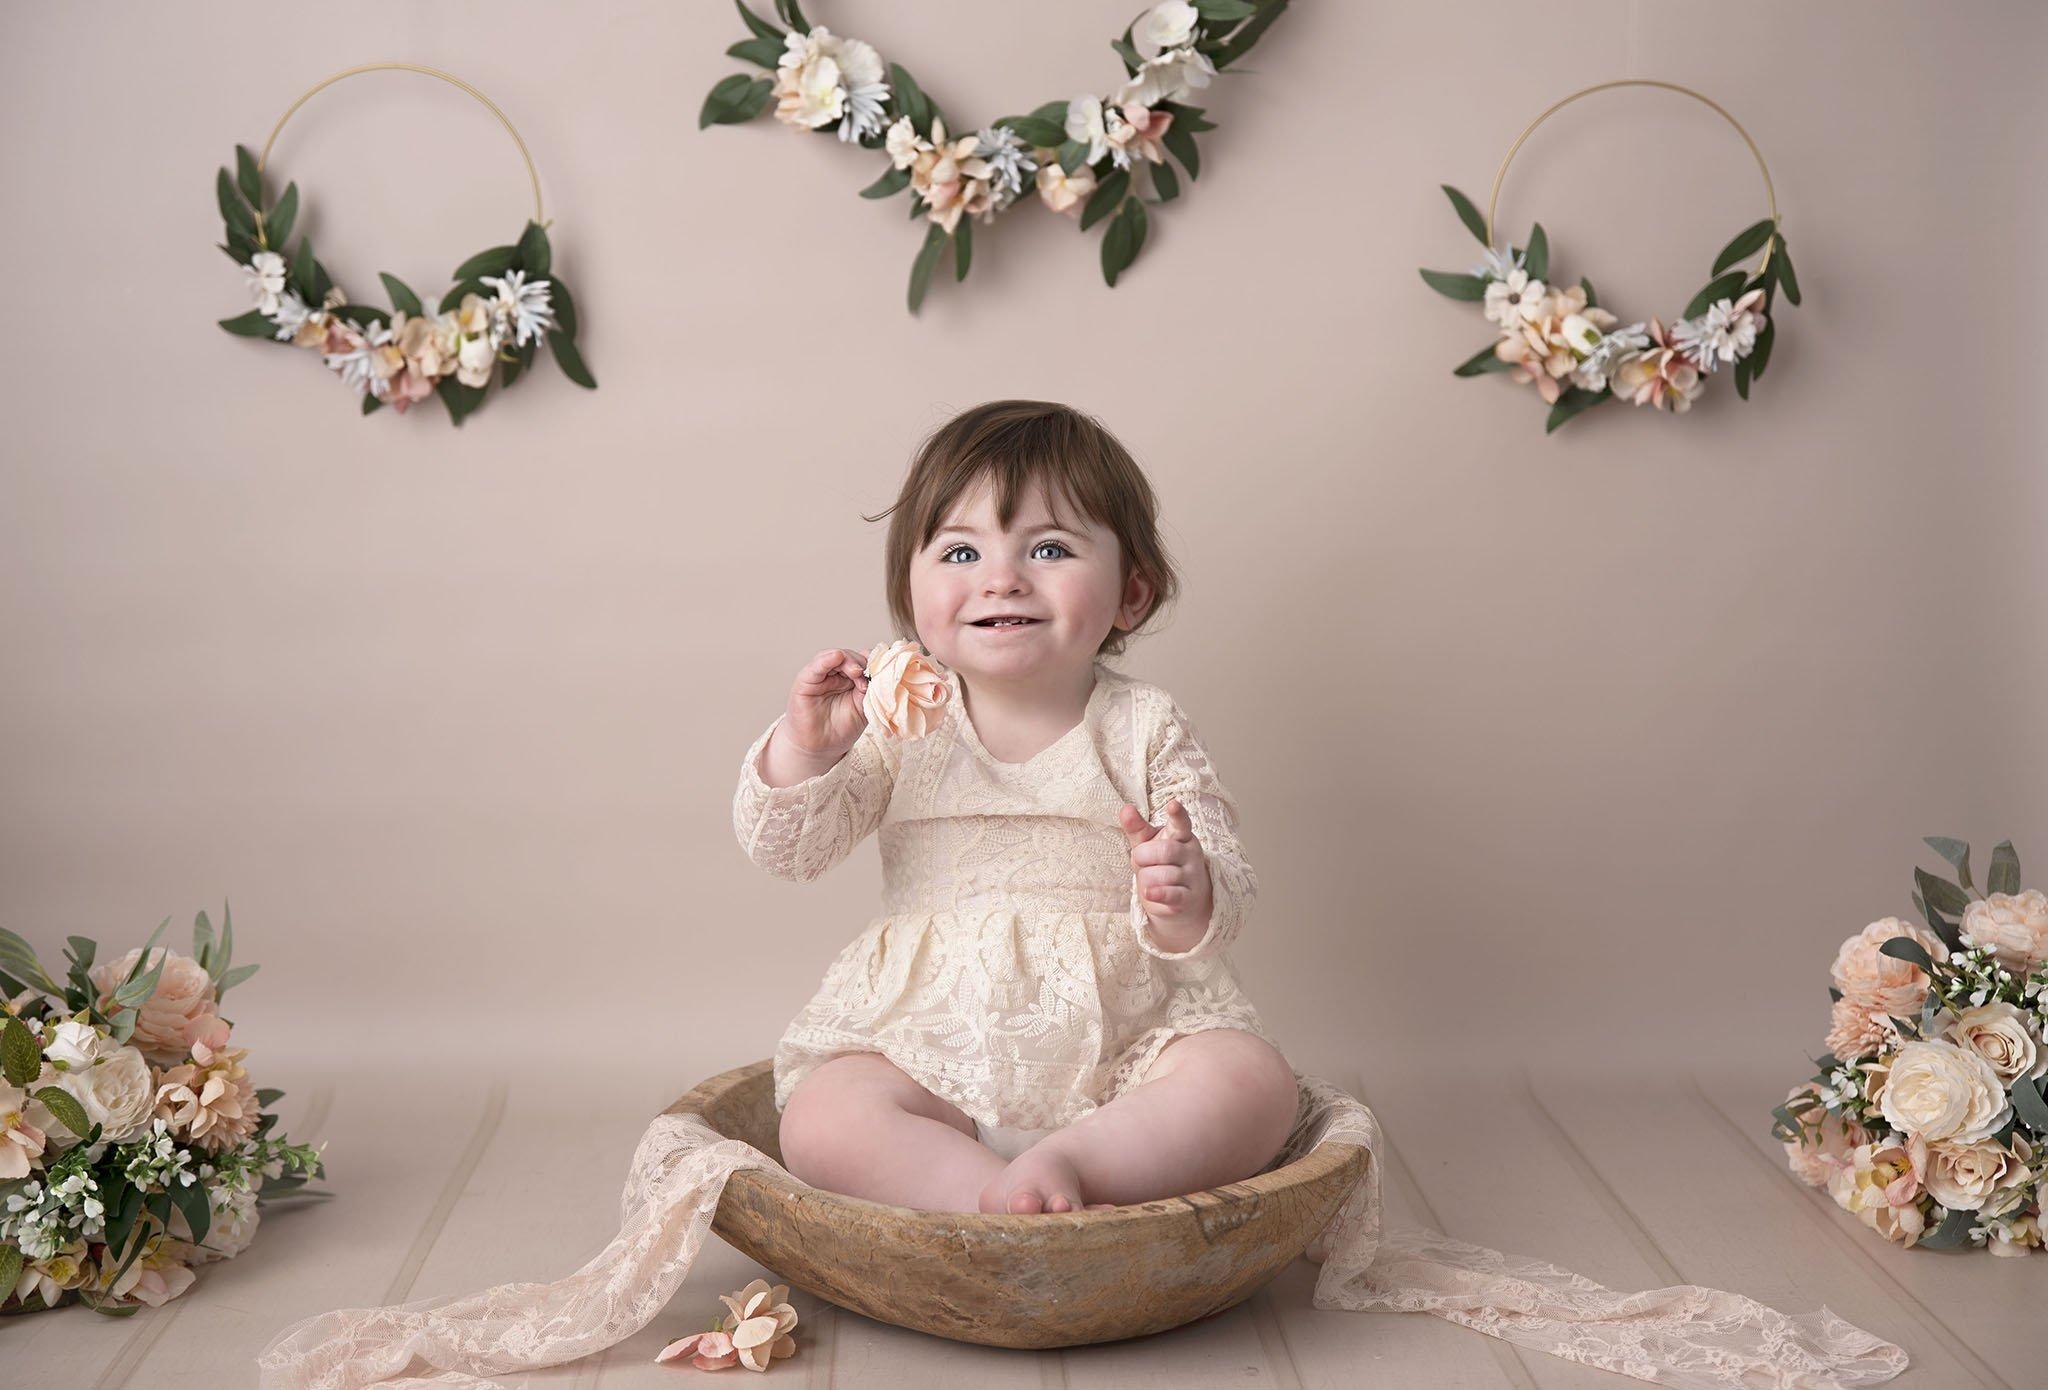 Floral hoop cake smash portrait bowl